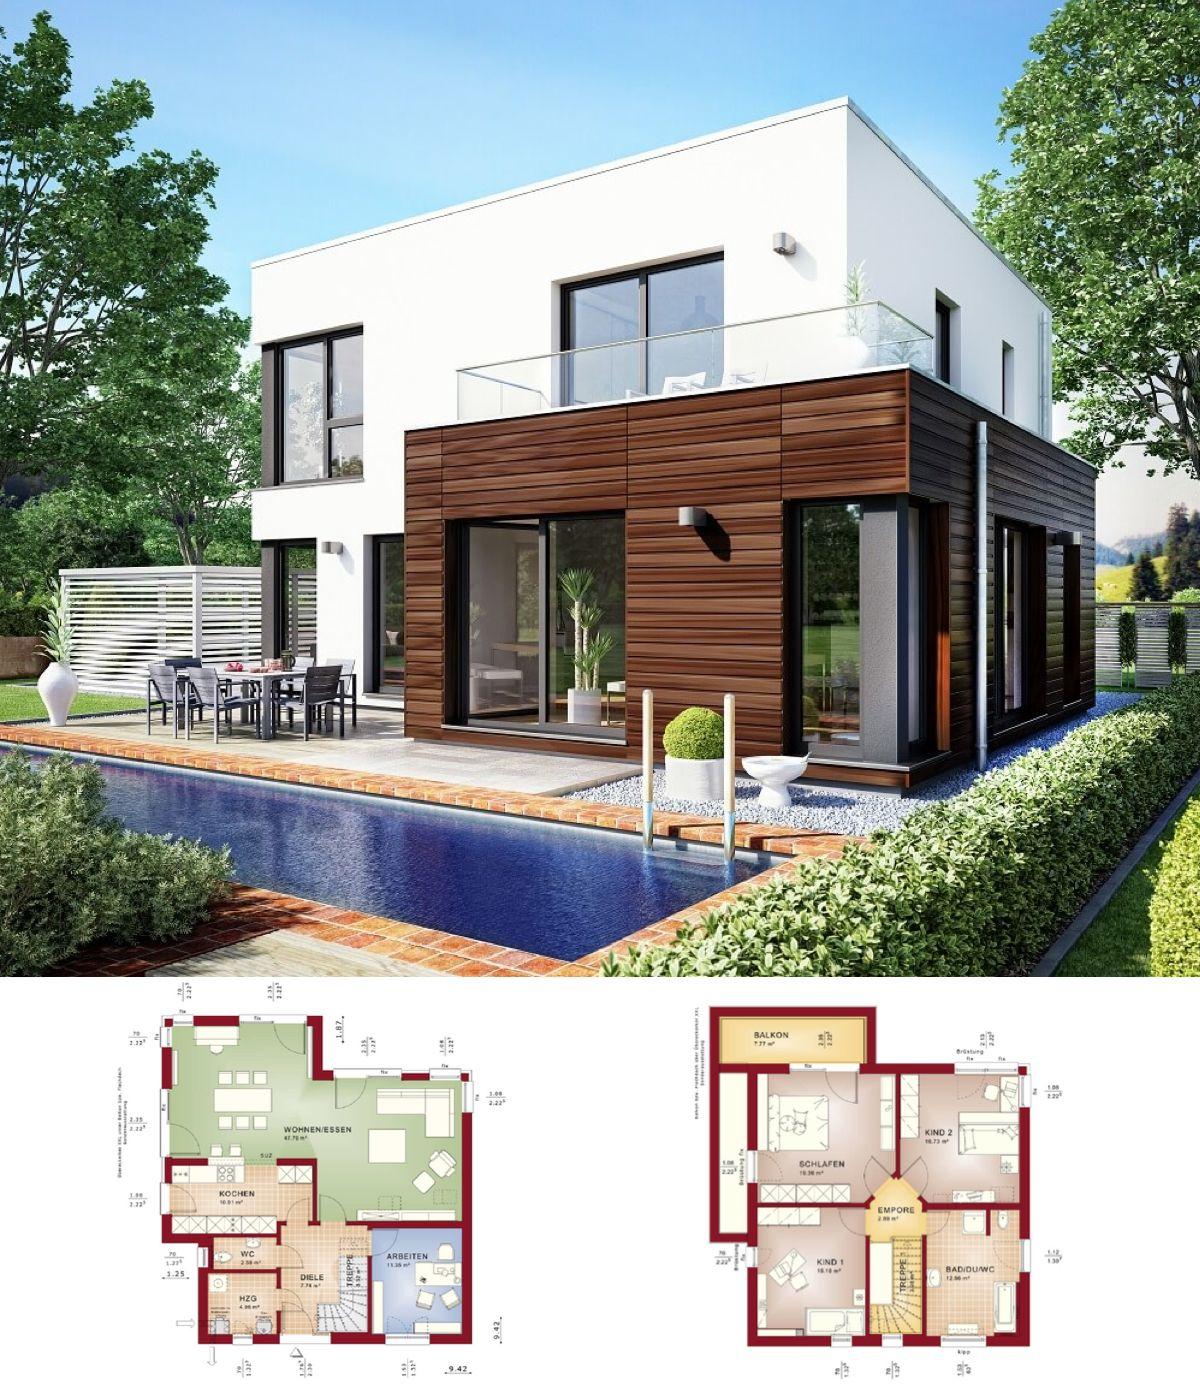 Wunderbar BAUHAUS VILLA // Haus Evolution 143 V11 Bien Zenker   Modernes  Einfamilienhaus Im Bauhausstil Flachdach